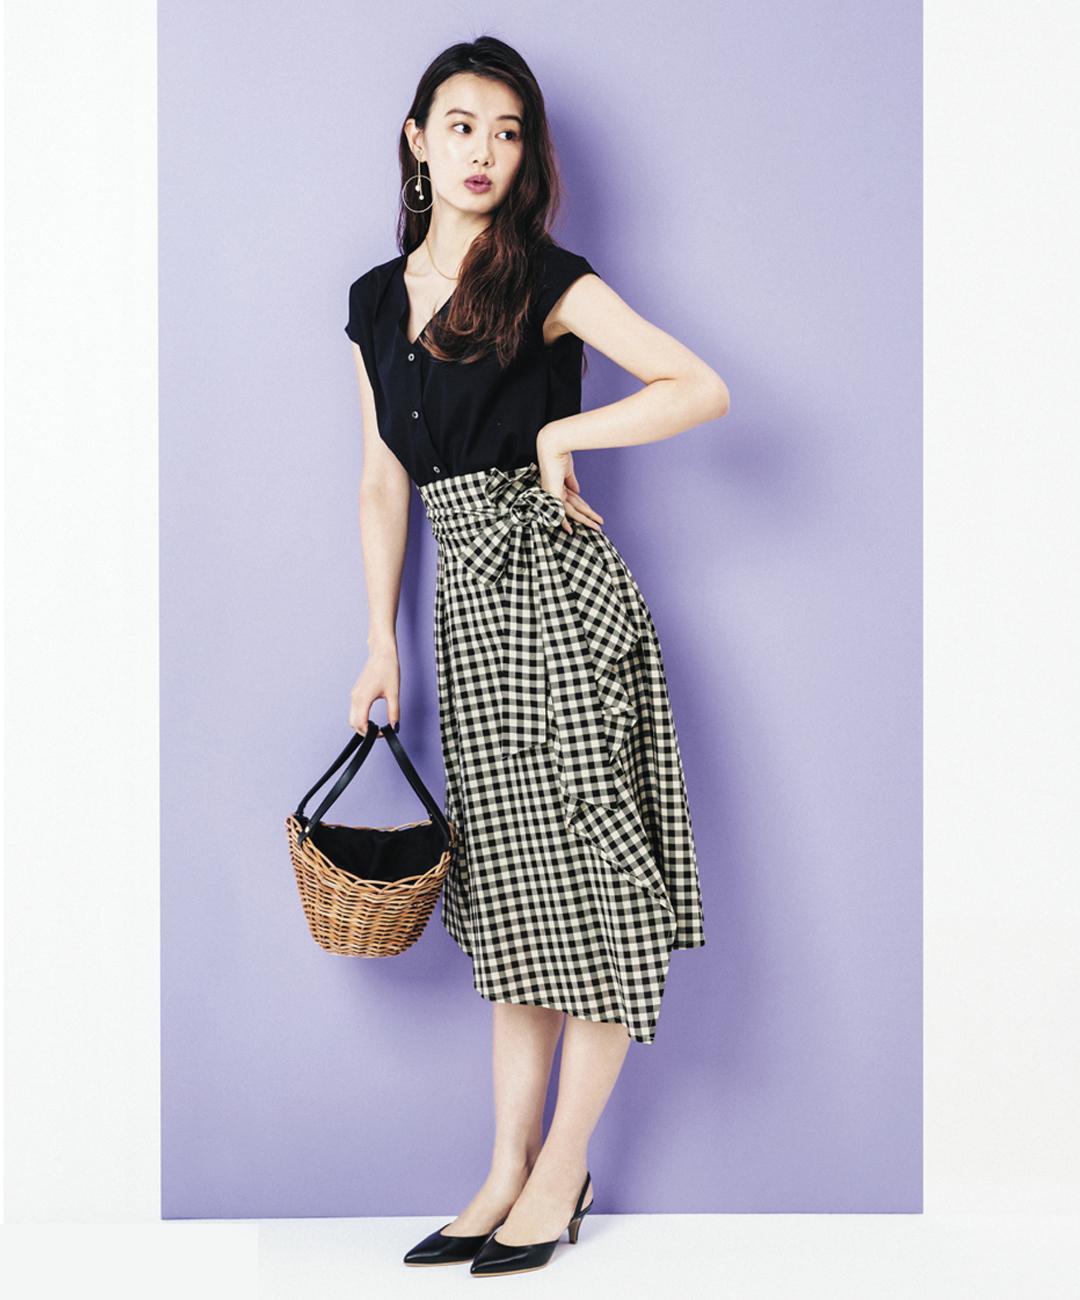 【夏のロングスカートコーデ】泉はるは、黒×ベージュのギンガムコーデでぐっと大人っぽく★